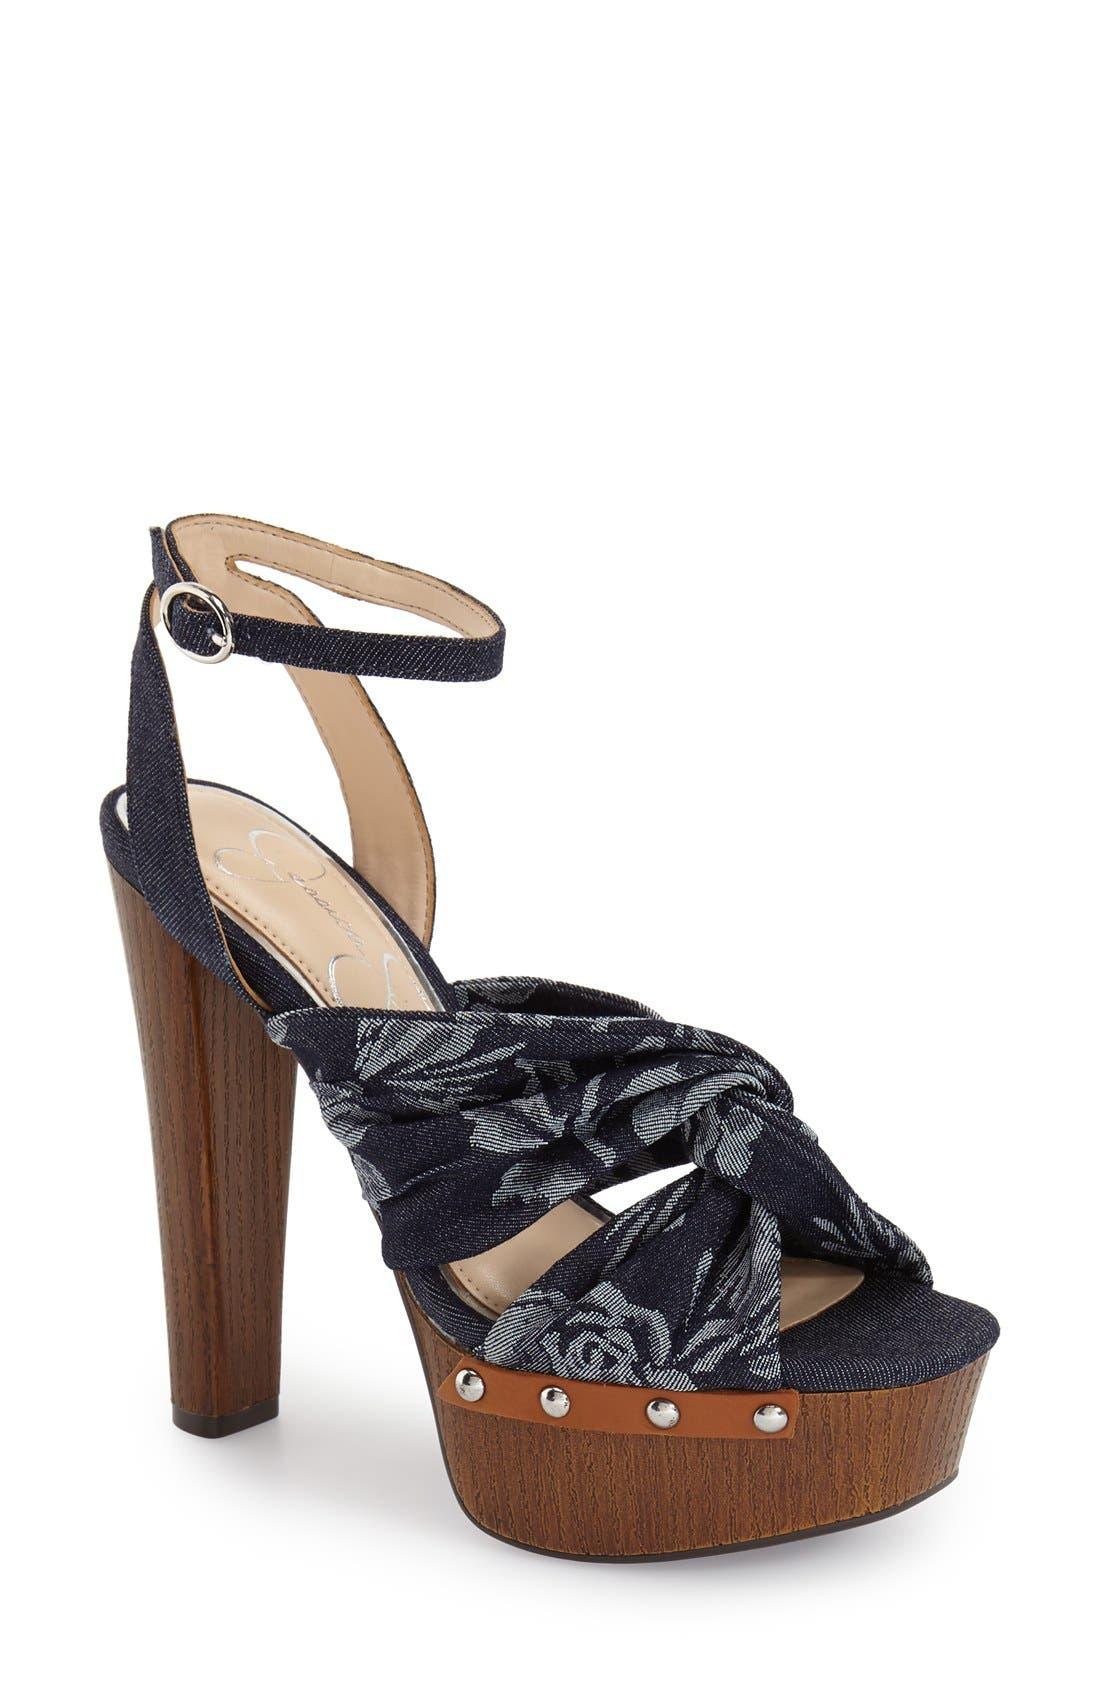 JESSICA SIMPSON 'Alladee' Platform Sandal